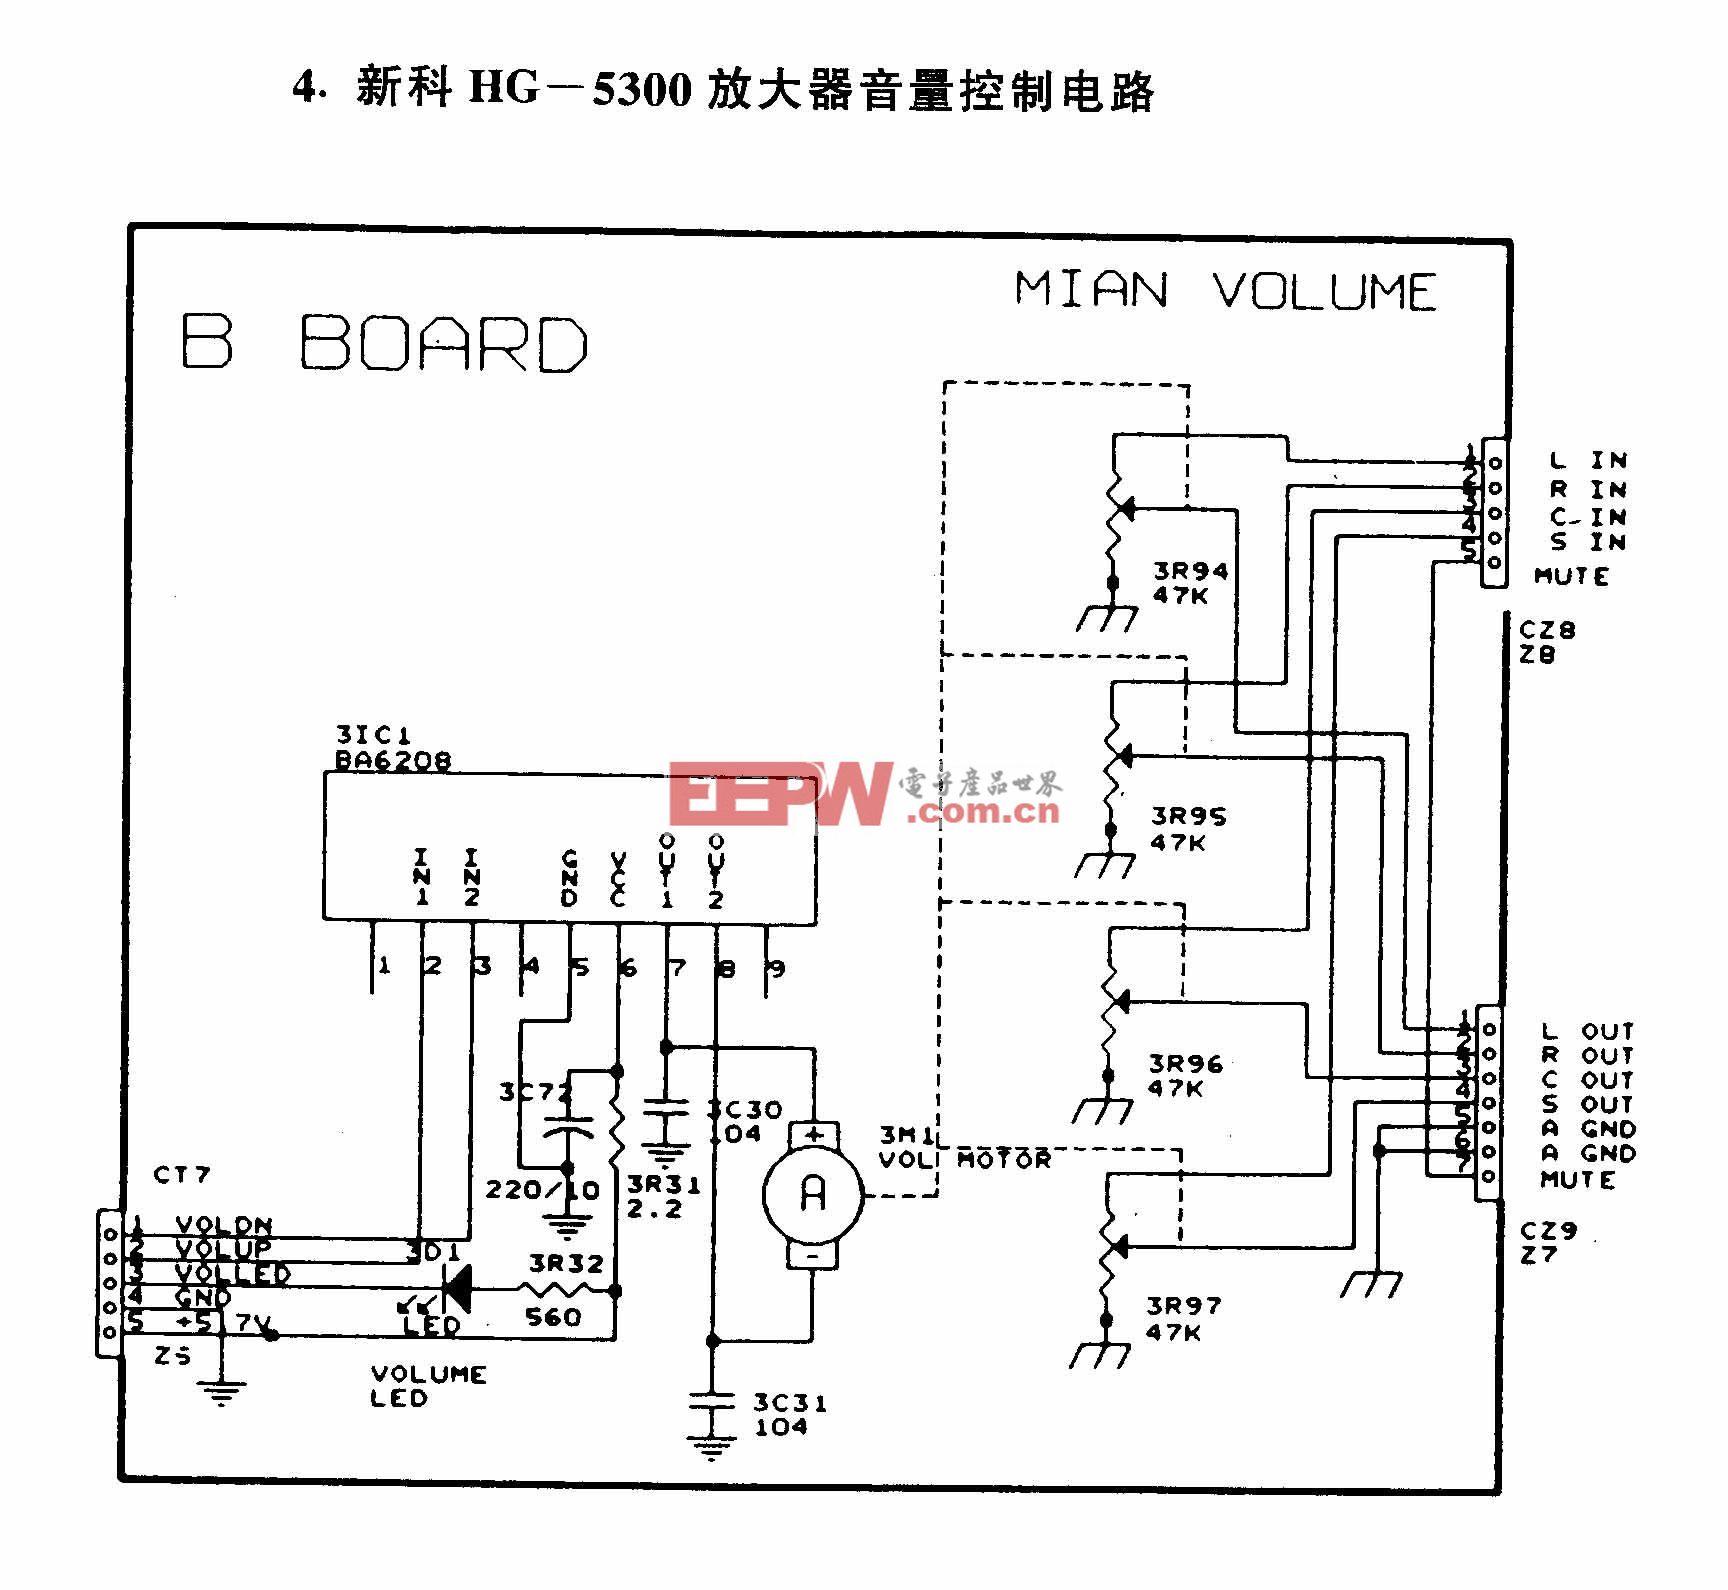 新科HG-5300放大器音量控制电路